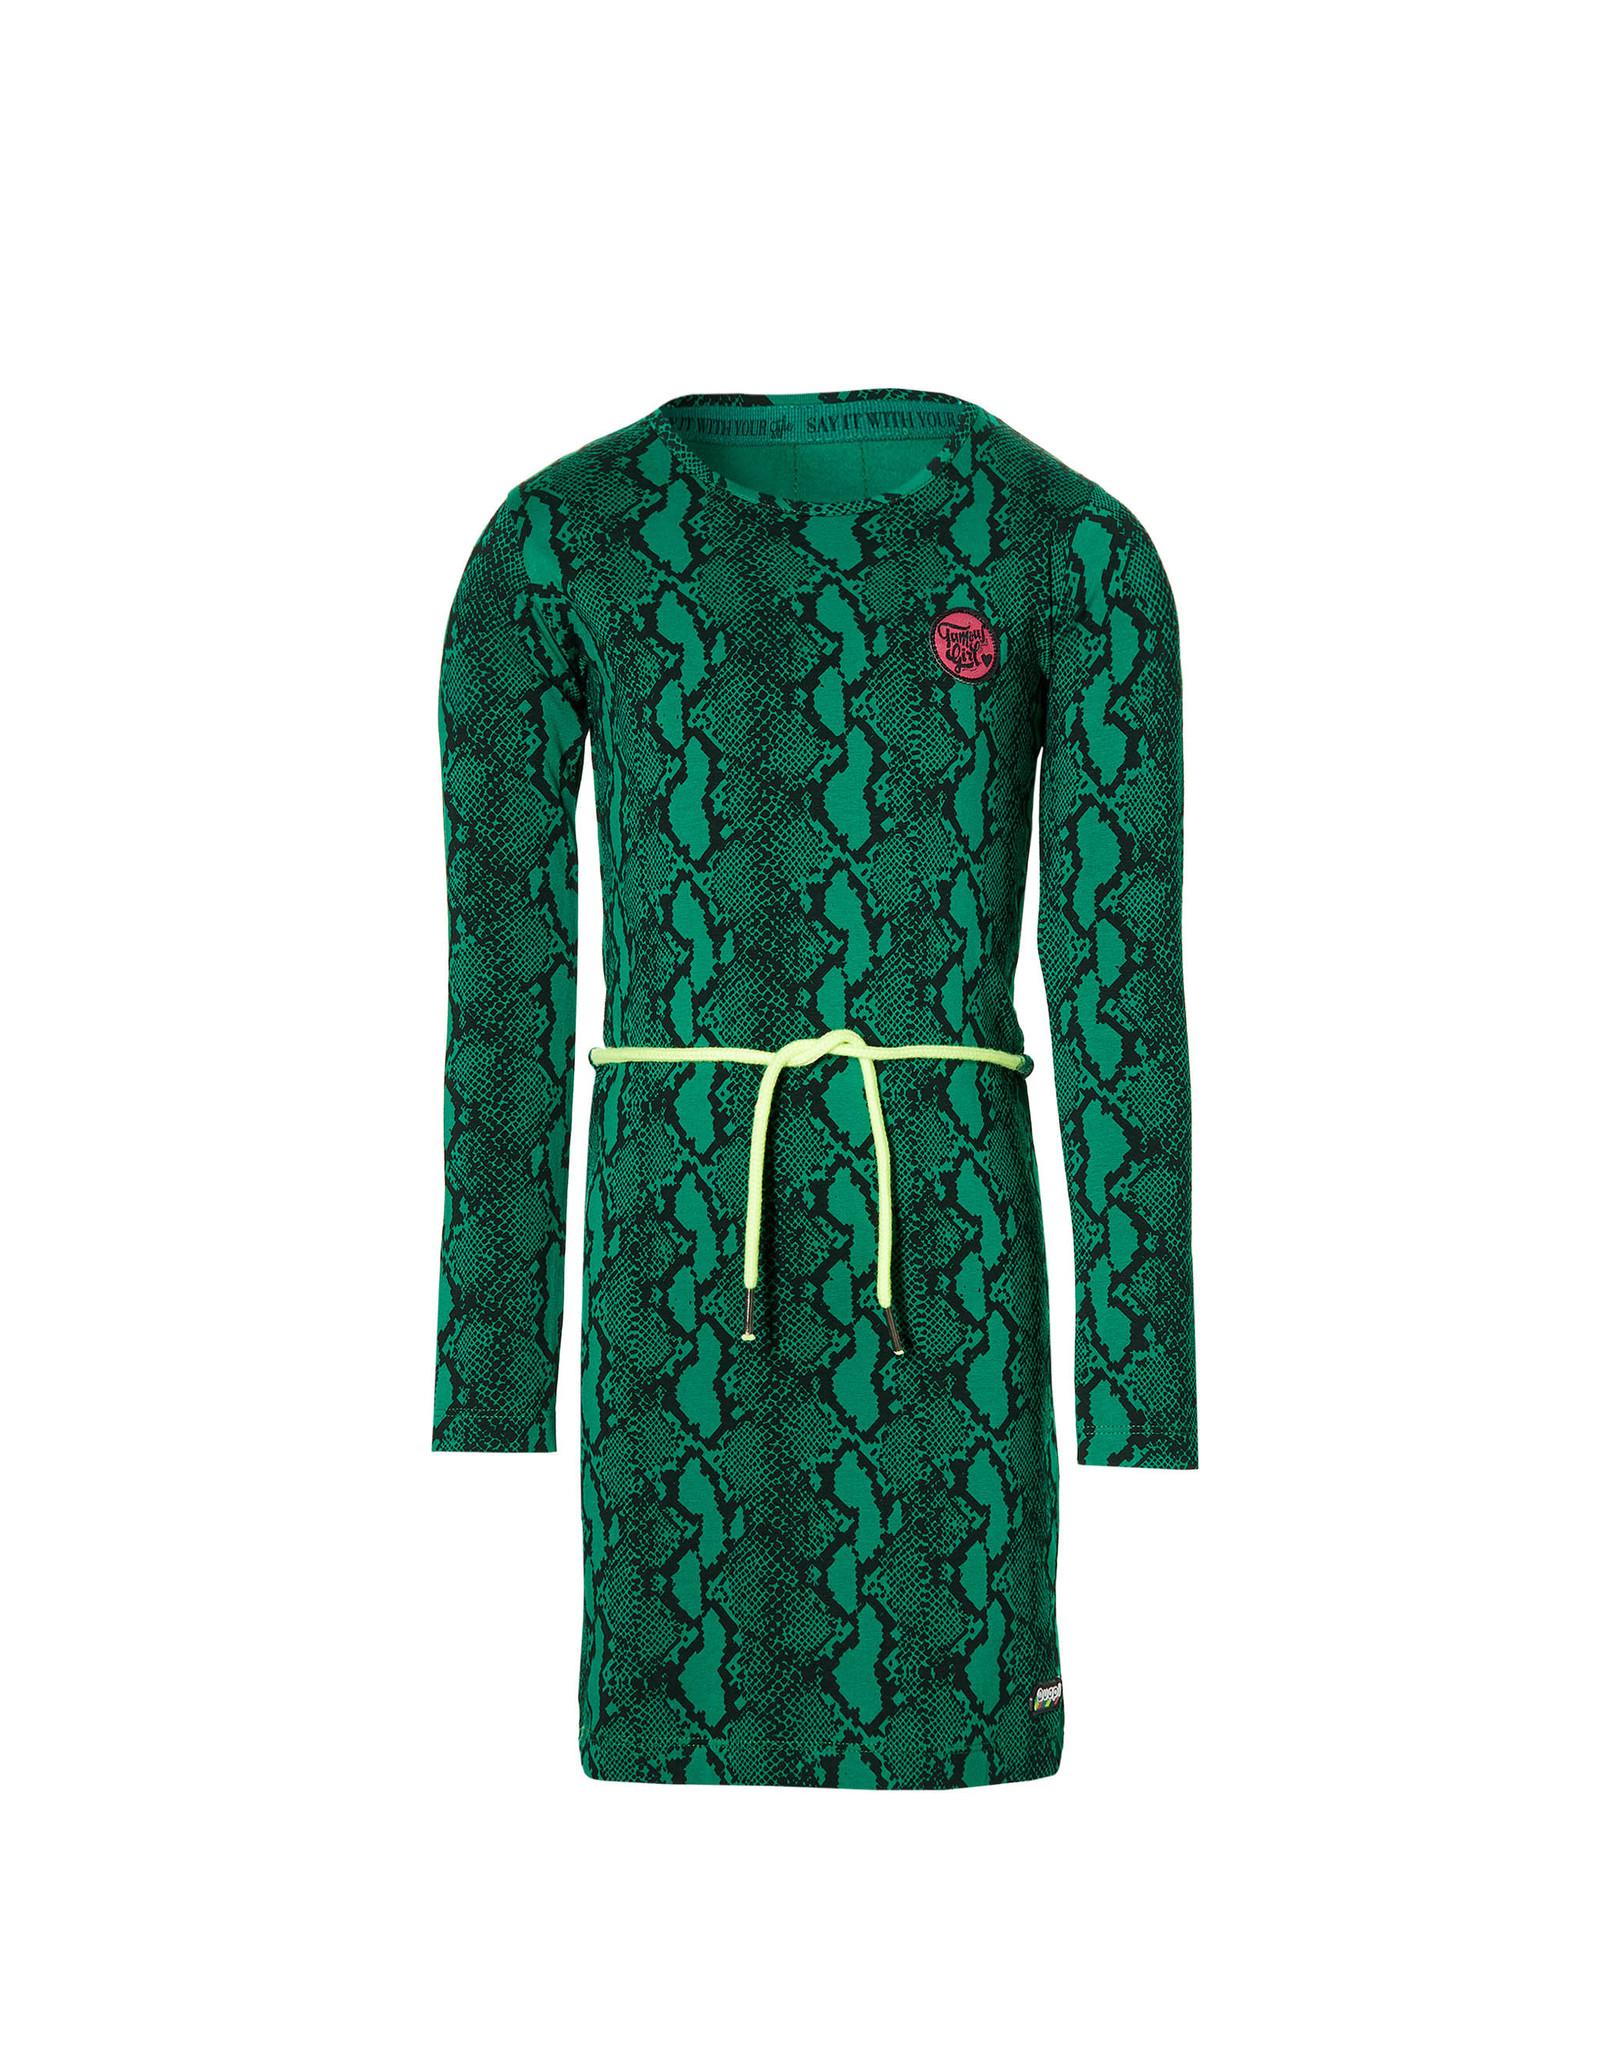 Quapi Quapi meisjes jurk Daantje Green Snake